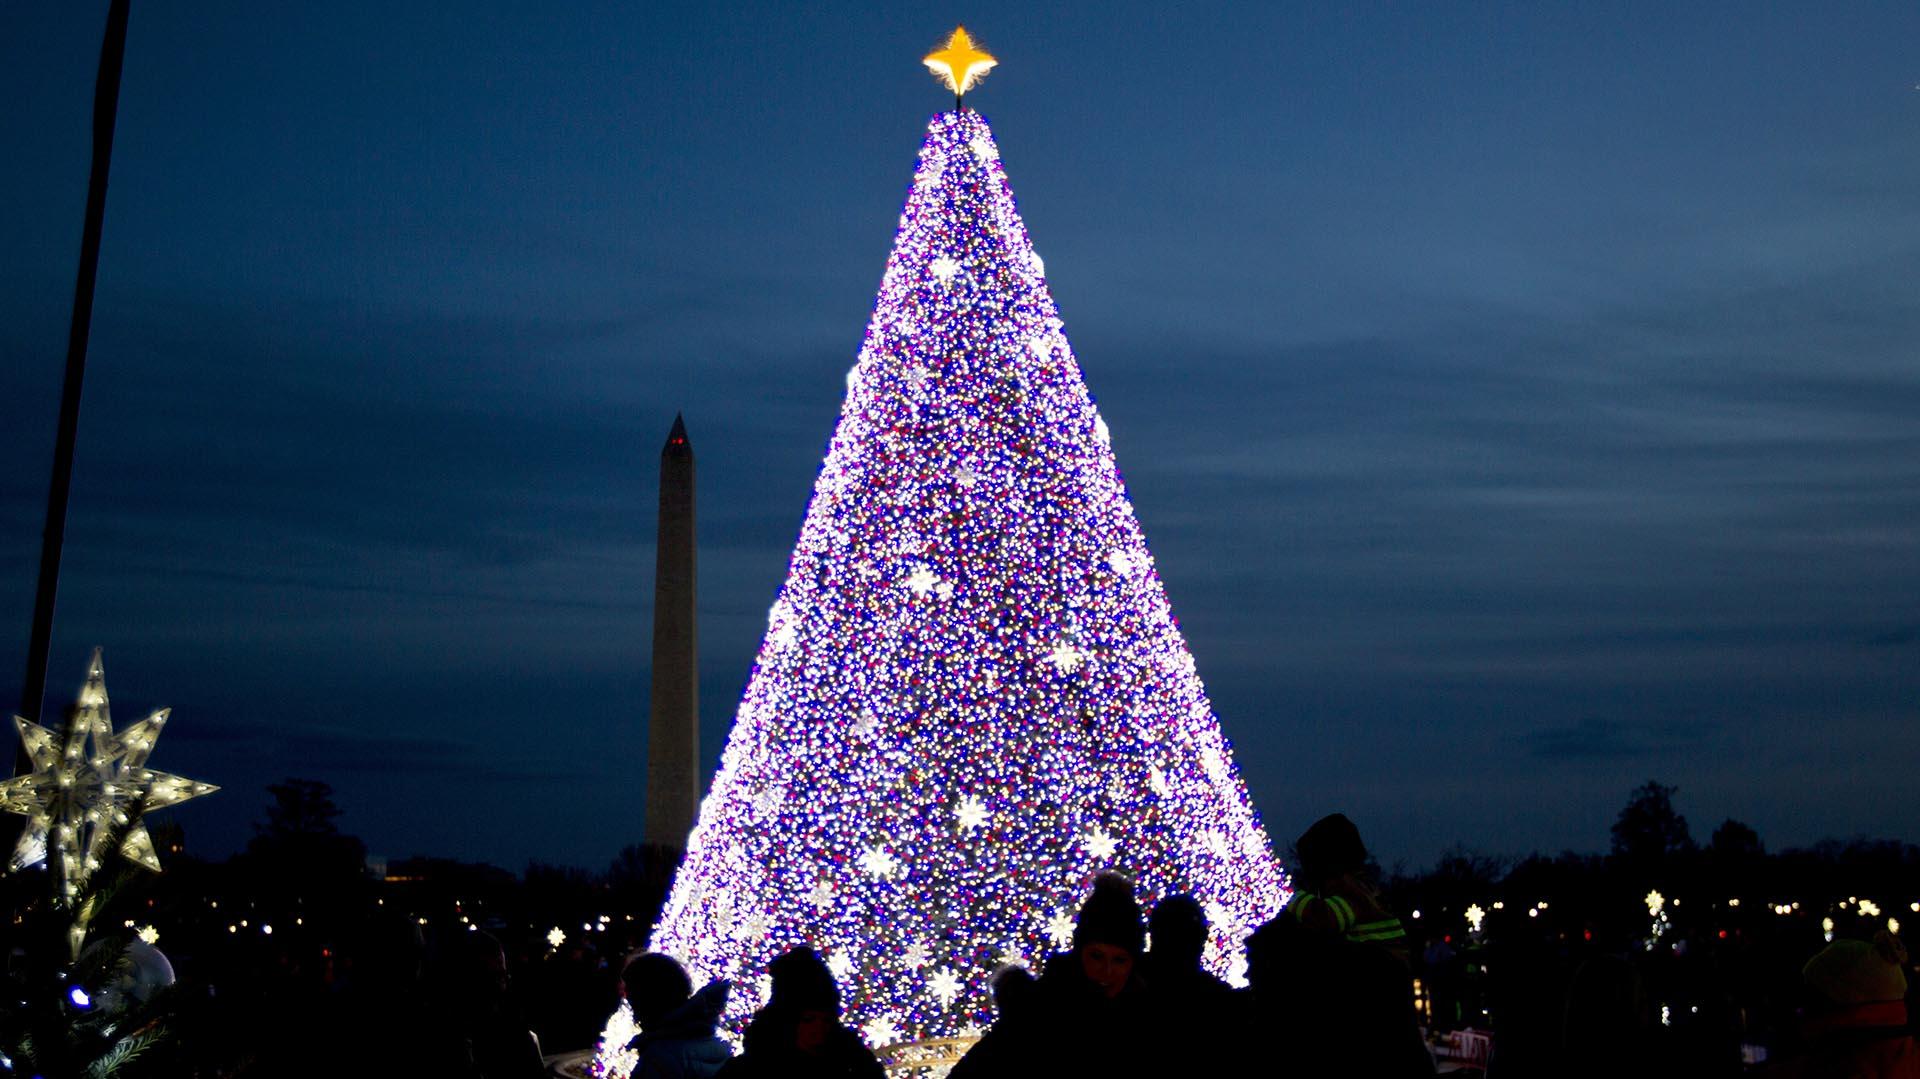 el rbol de navidad nacional con el monumento a washington detrs - Imagenes Arbol De Navidad